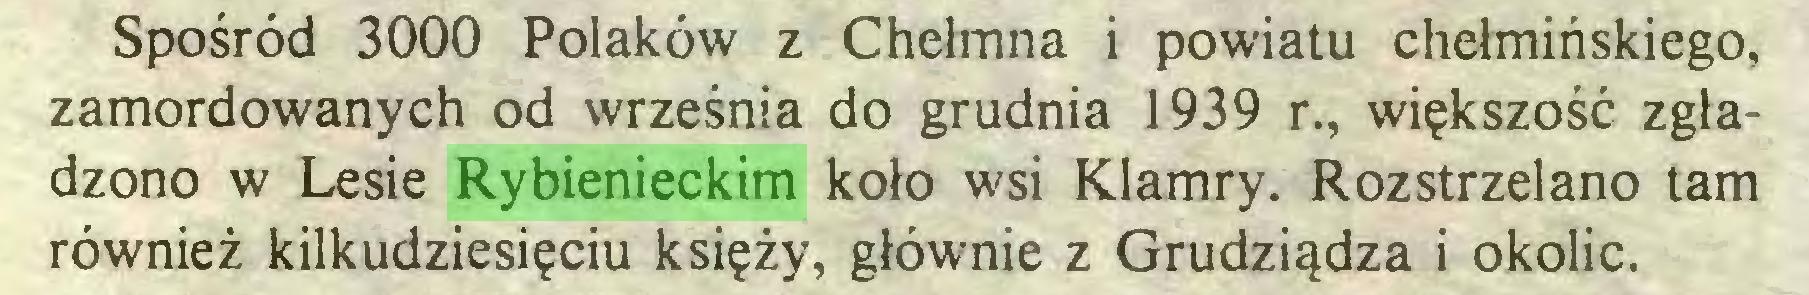 (...) Spośród 3000 Polaków z Chełmna i powiatu chełmińskiego, zamordowanych od września do grudnia 1939 r., większość zgładzono w Lesie Rybienieckim koło wsi Klamry. Rozstrzelano tam również kilkudziesięciu księży, głównie z Grudziądza i okolic...